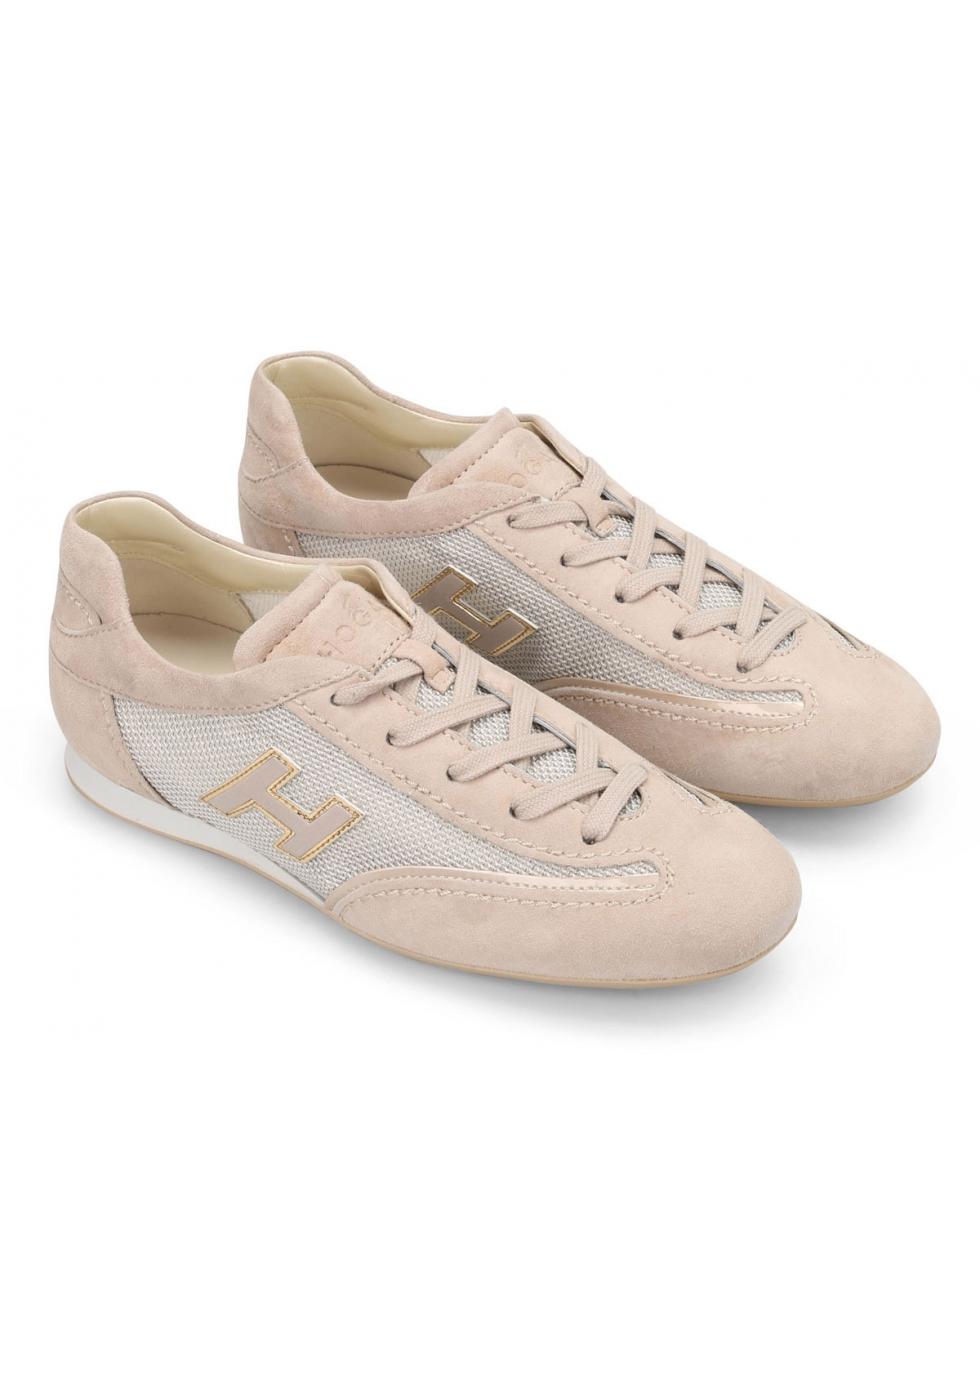 Hogan Sneakers Basse Fashion Da Donna Con Lacci In Pelle Tessuto Rosa Chiaro Italian Boutique